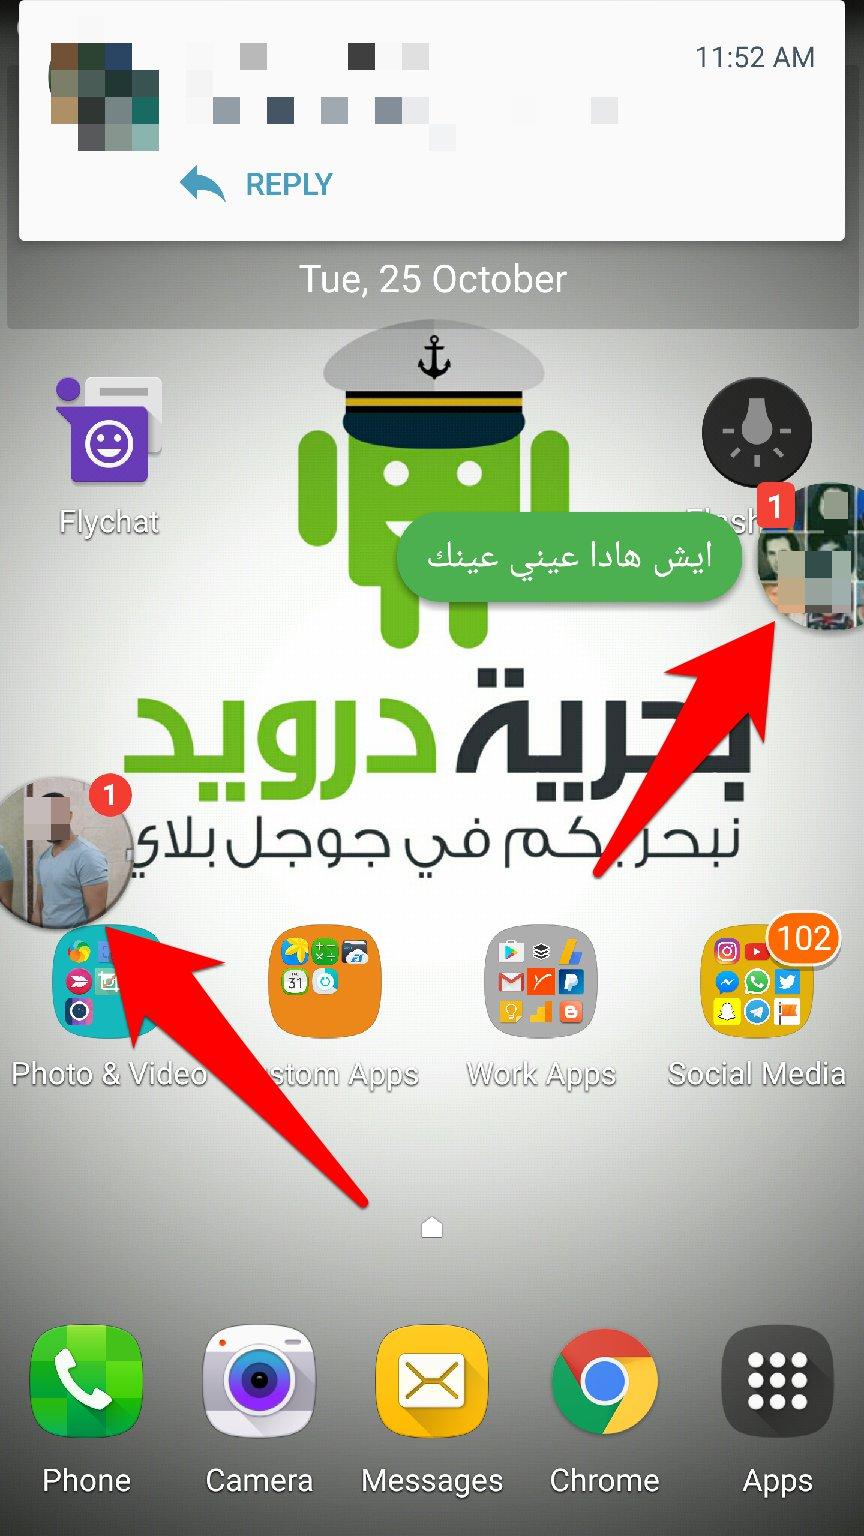 تطبيق Flychat للرد على رسائل واتس اب وتيليجرام وانت تشاهد اليوتيوب | بحرية درويد